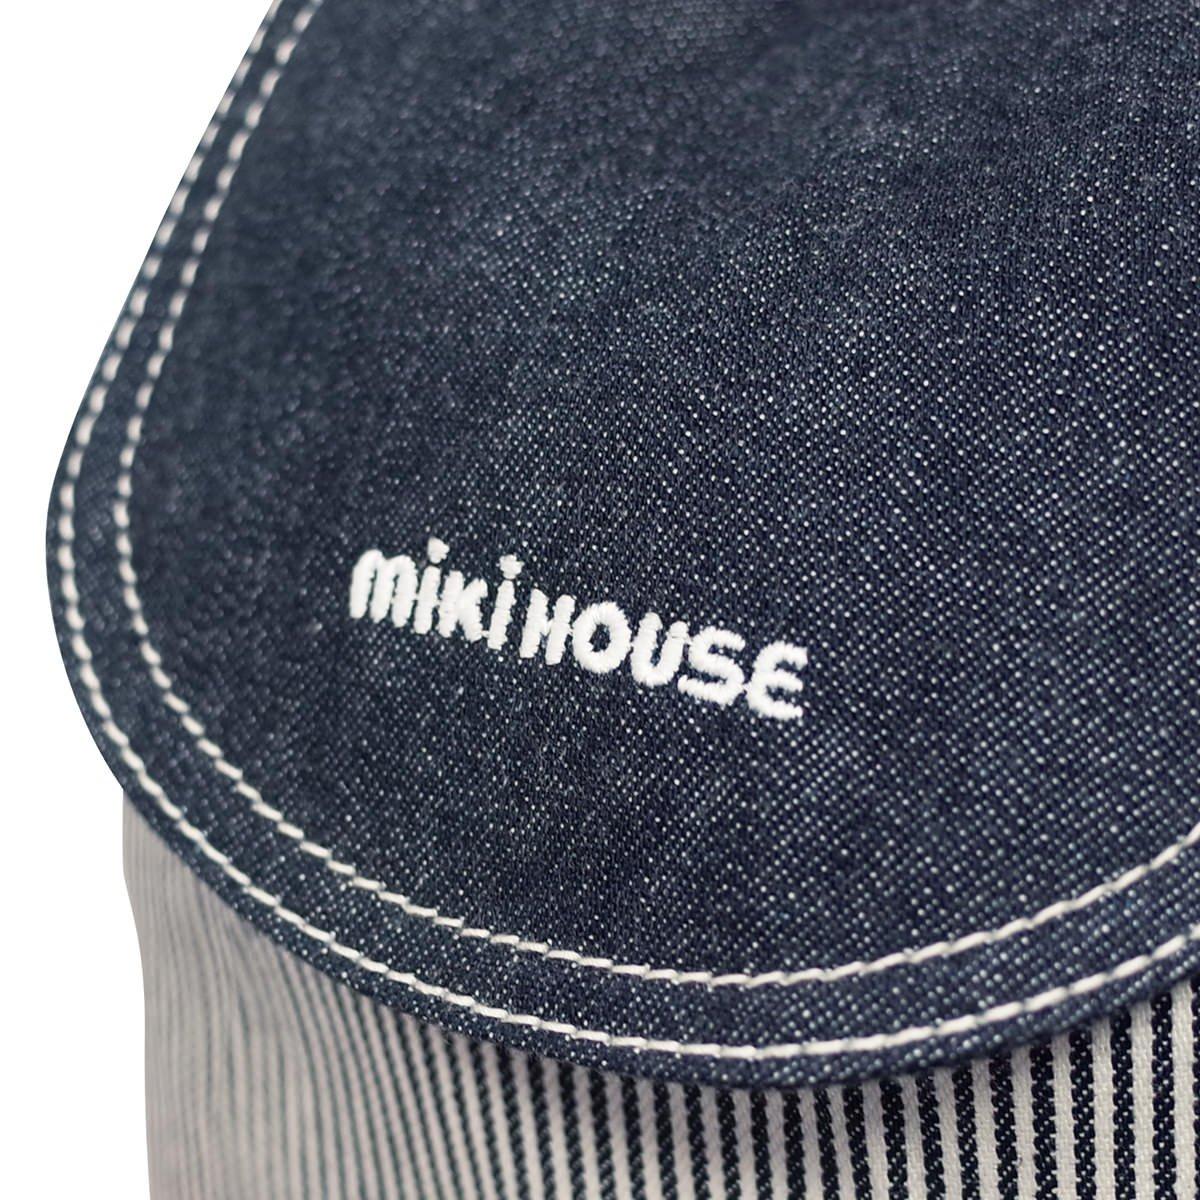 446445b55633 Amazon | ミキハウス (MIKIHOUSE) リュック 10-8270-611 - 紺×白 | ベビー&マタニティ | ベビー&マタニティ 通販